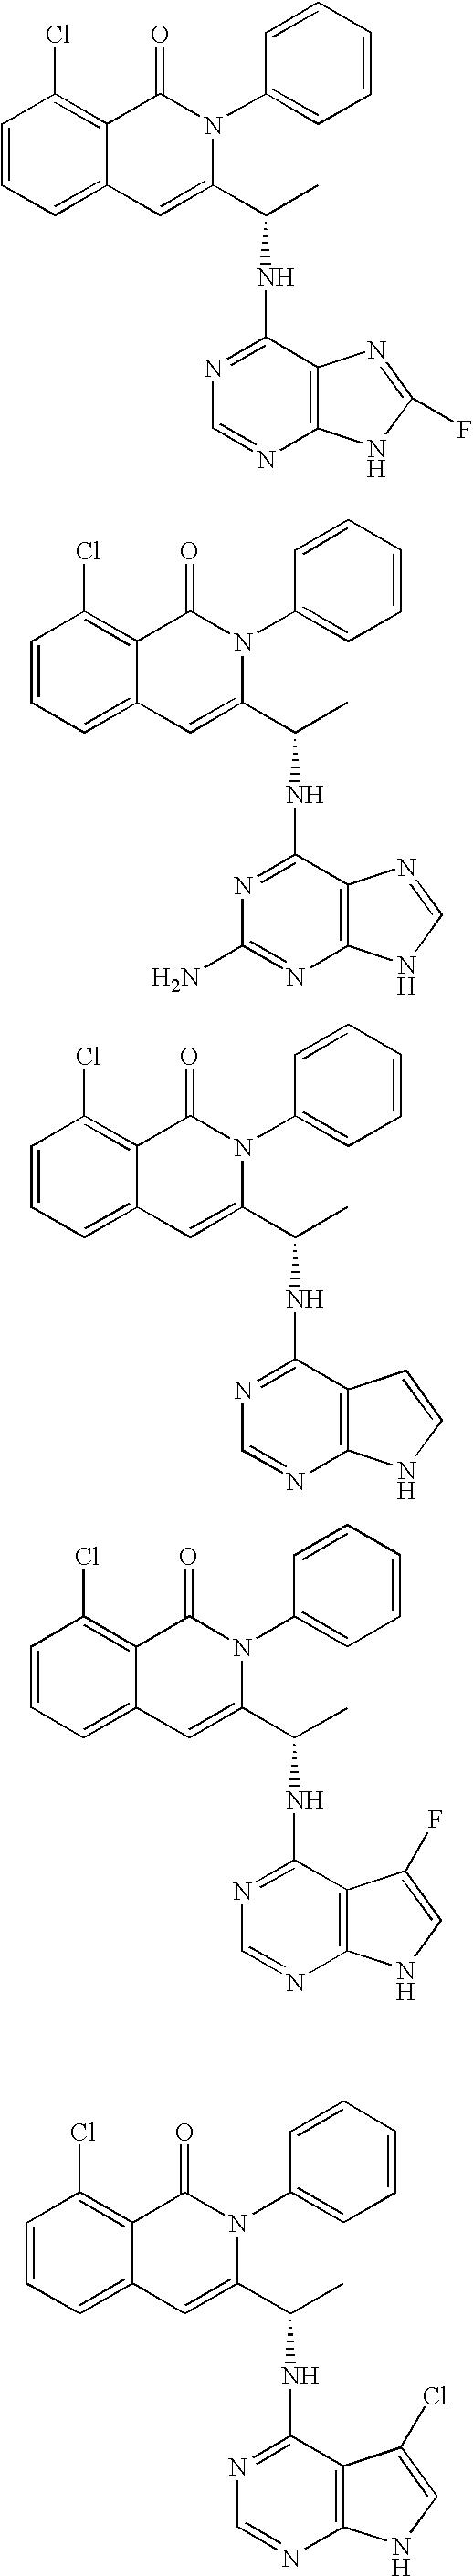 Figure US08193182-20120605-C00279